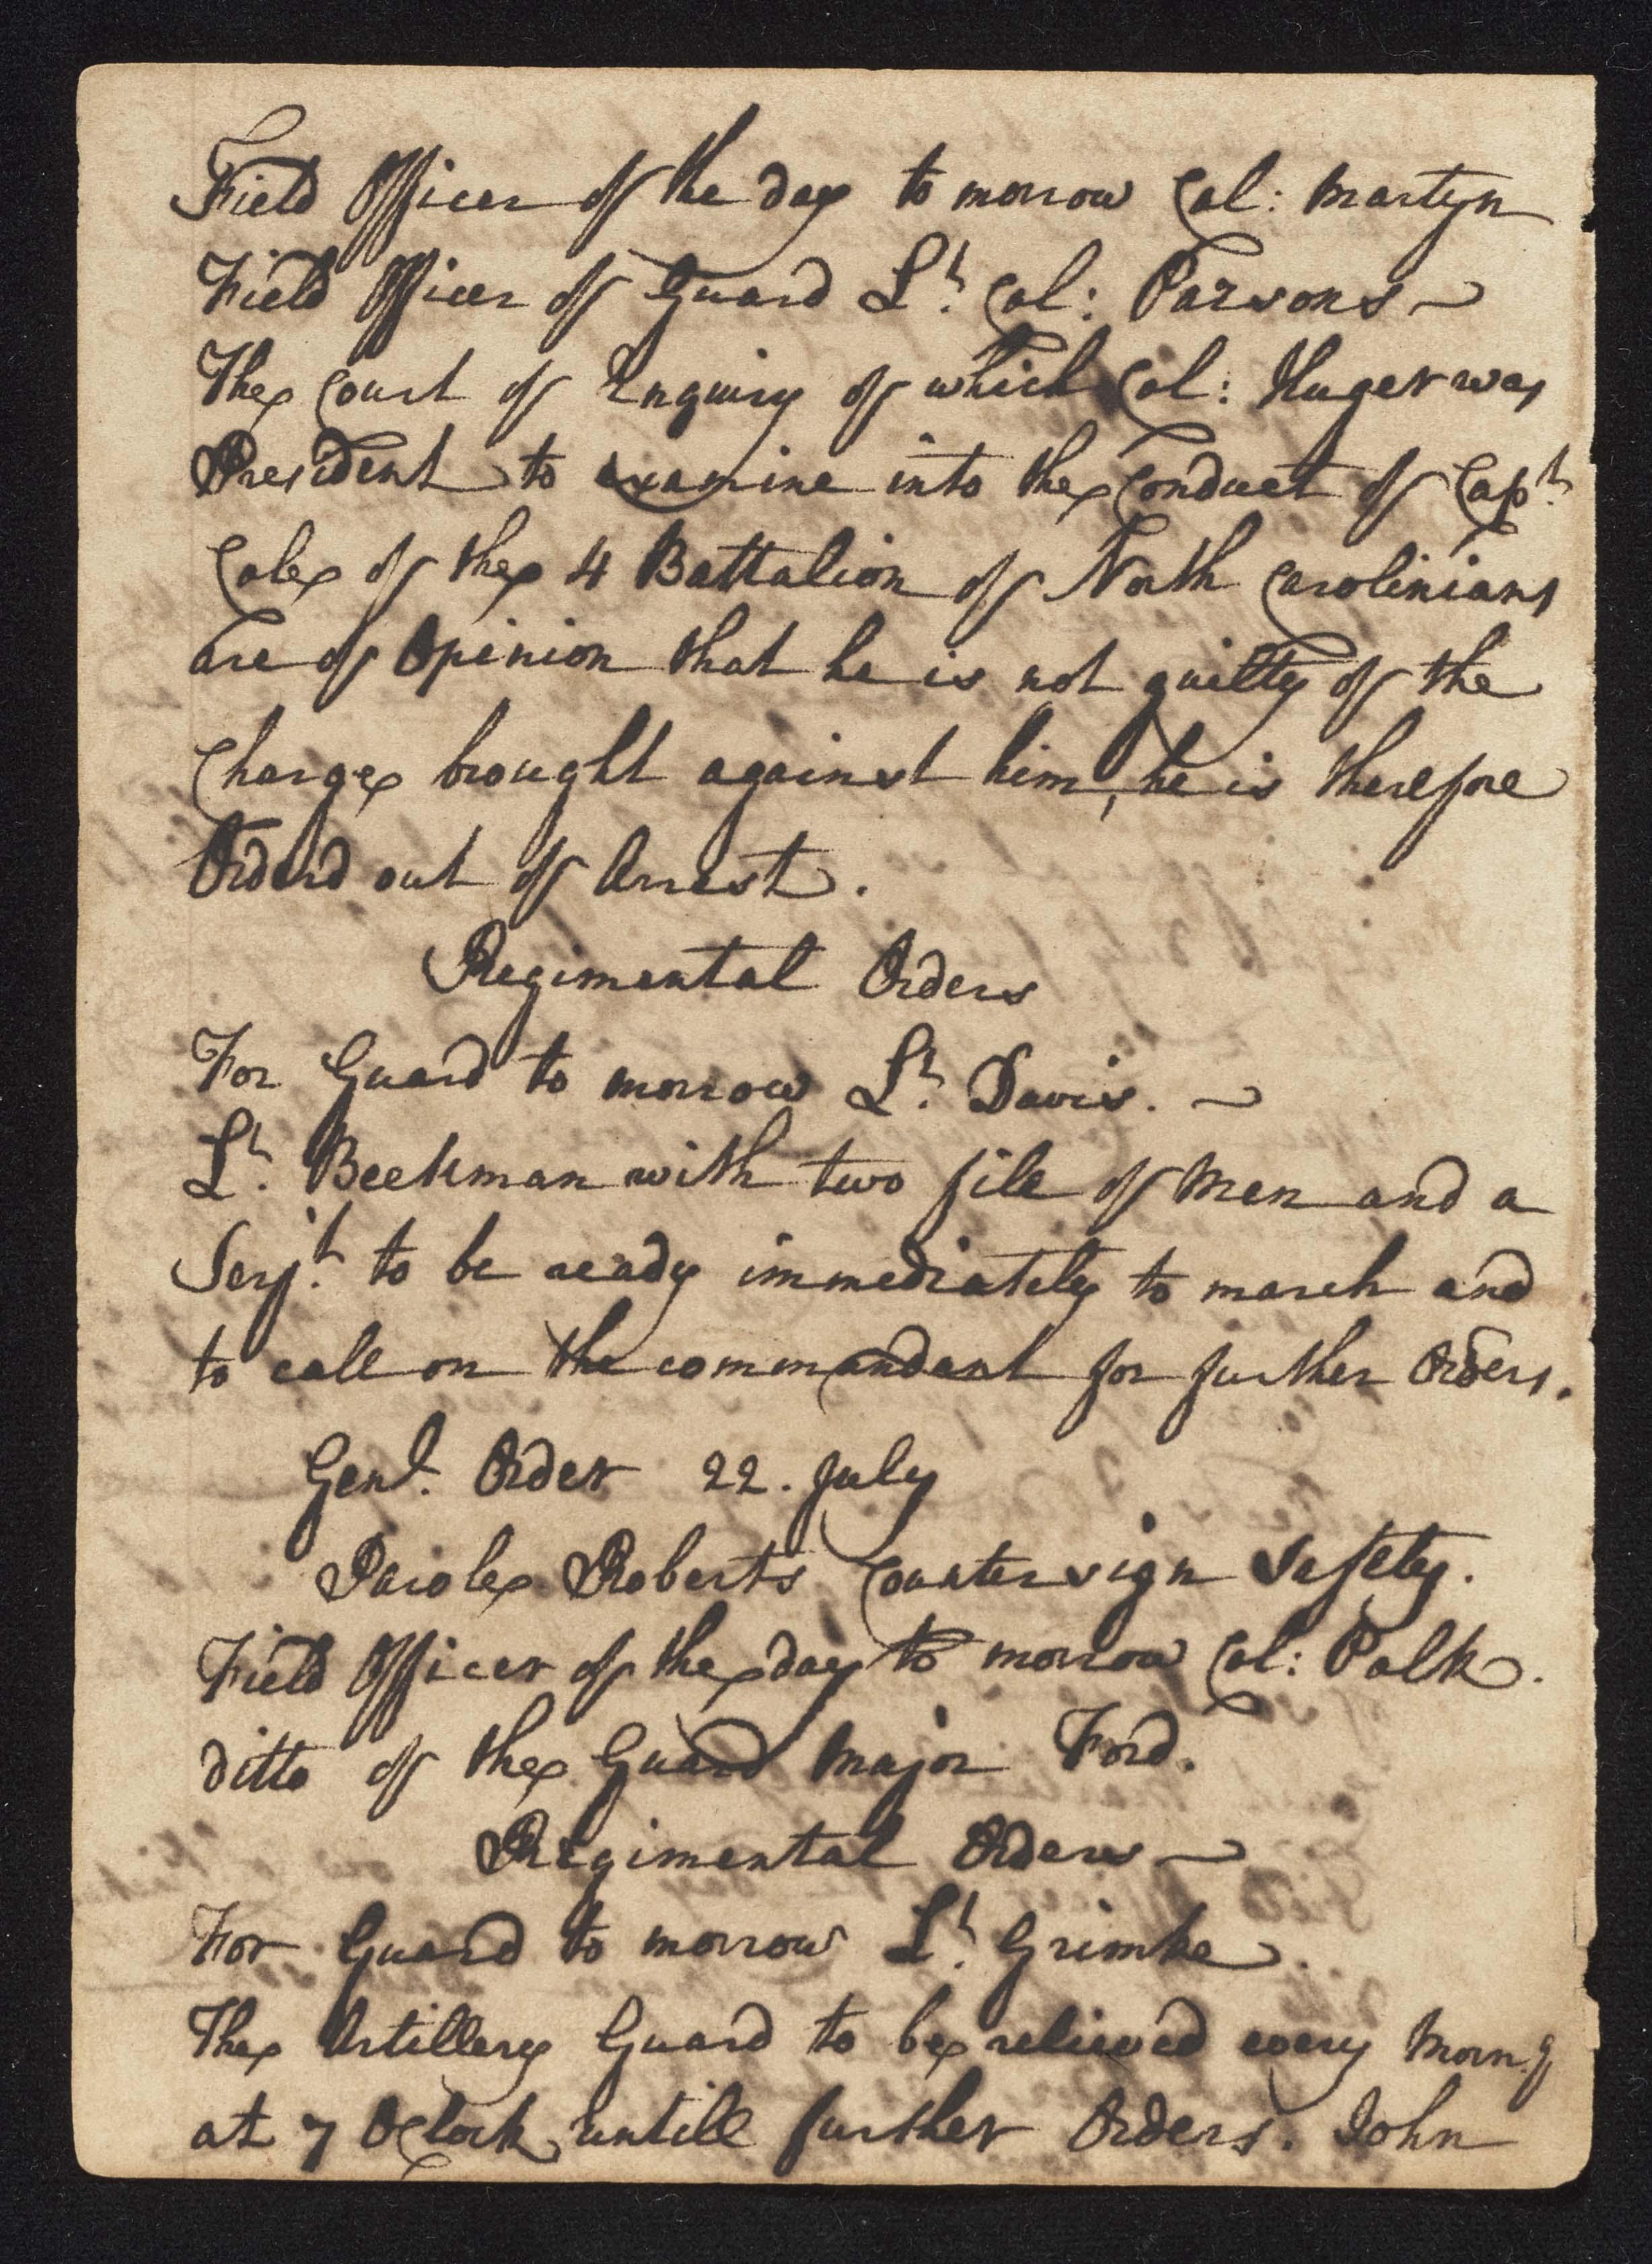 South Carolina Regiment Order Book, Page 146